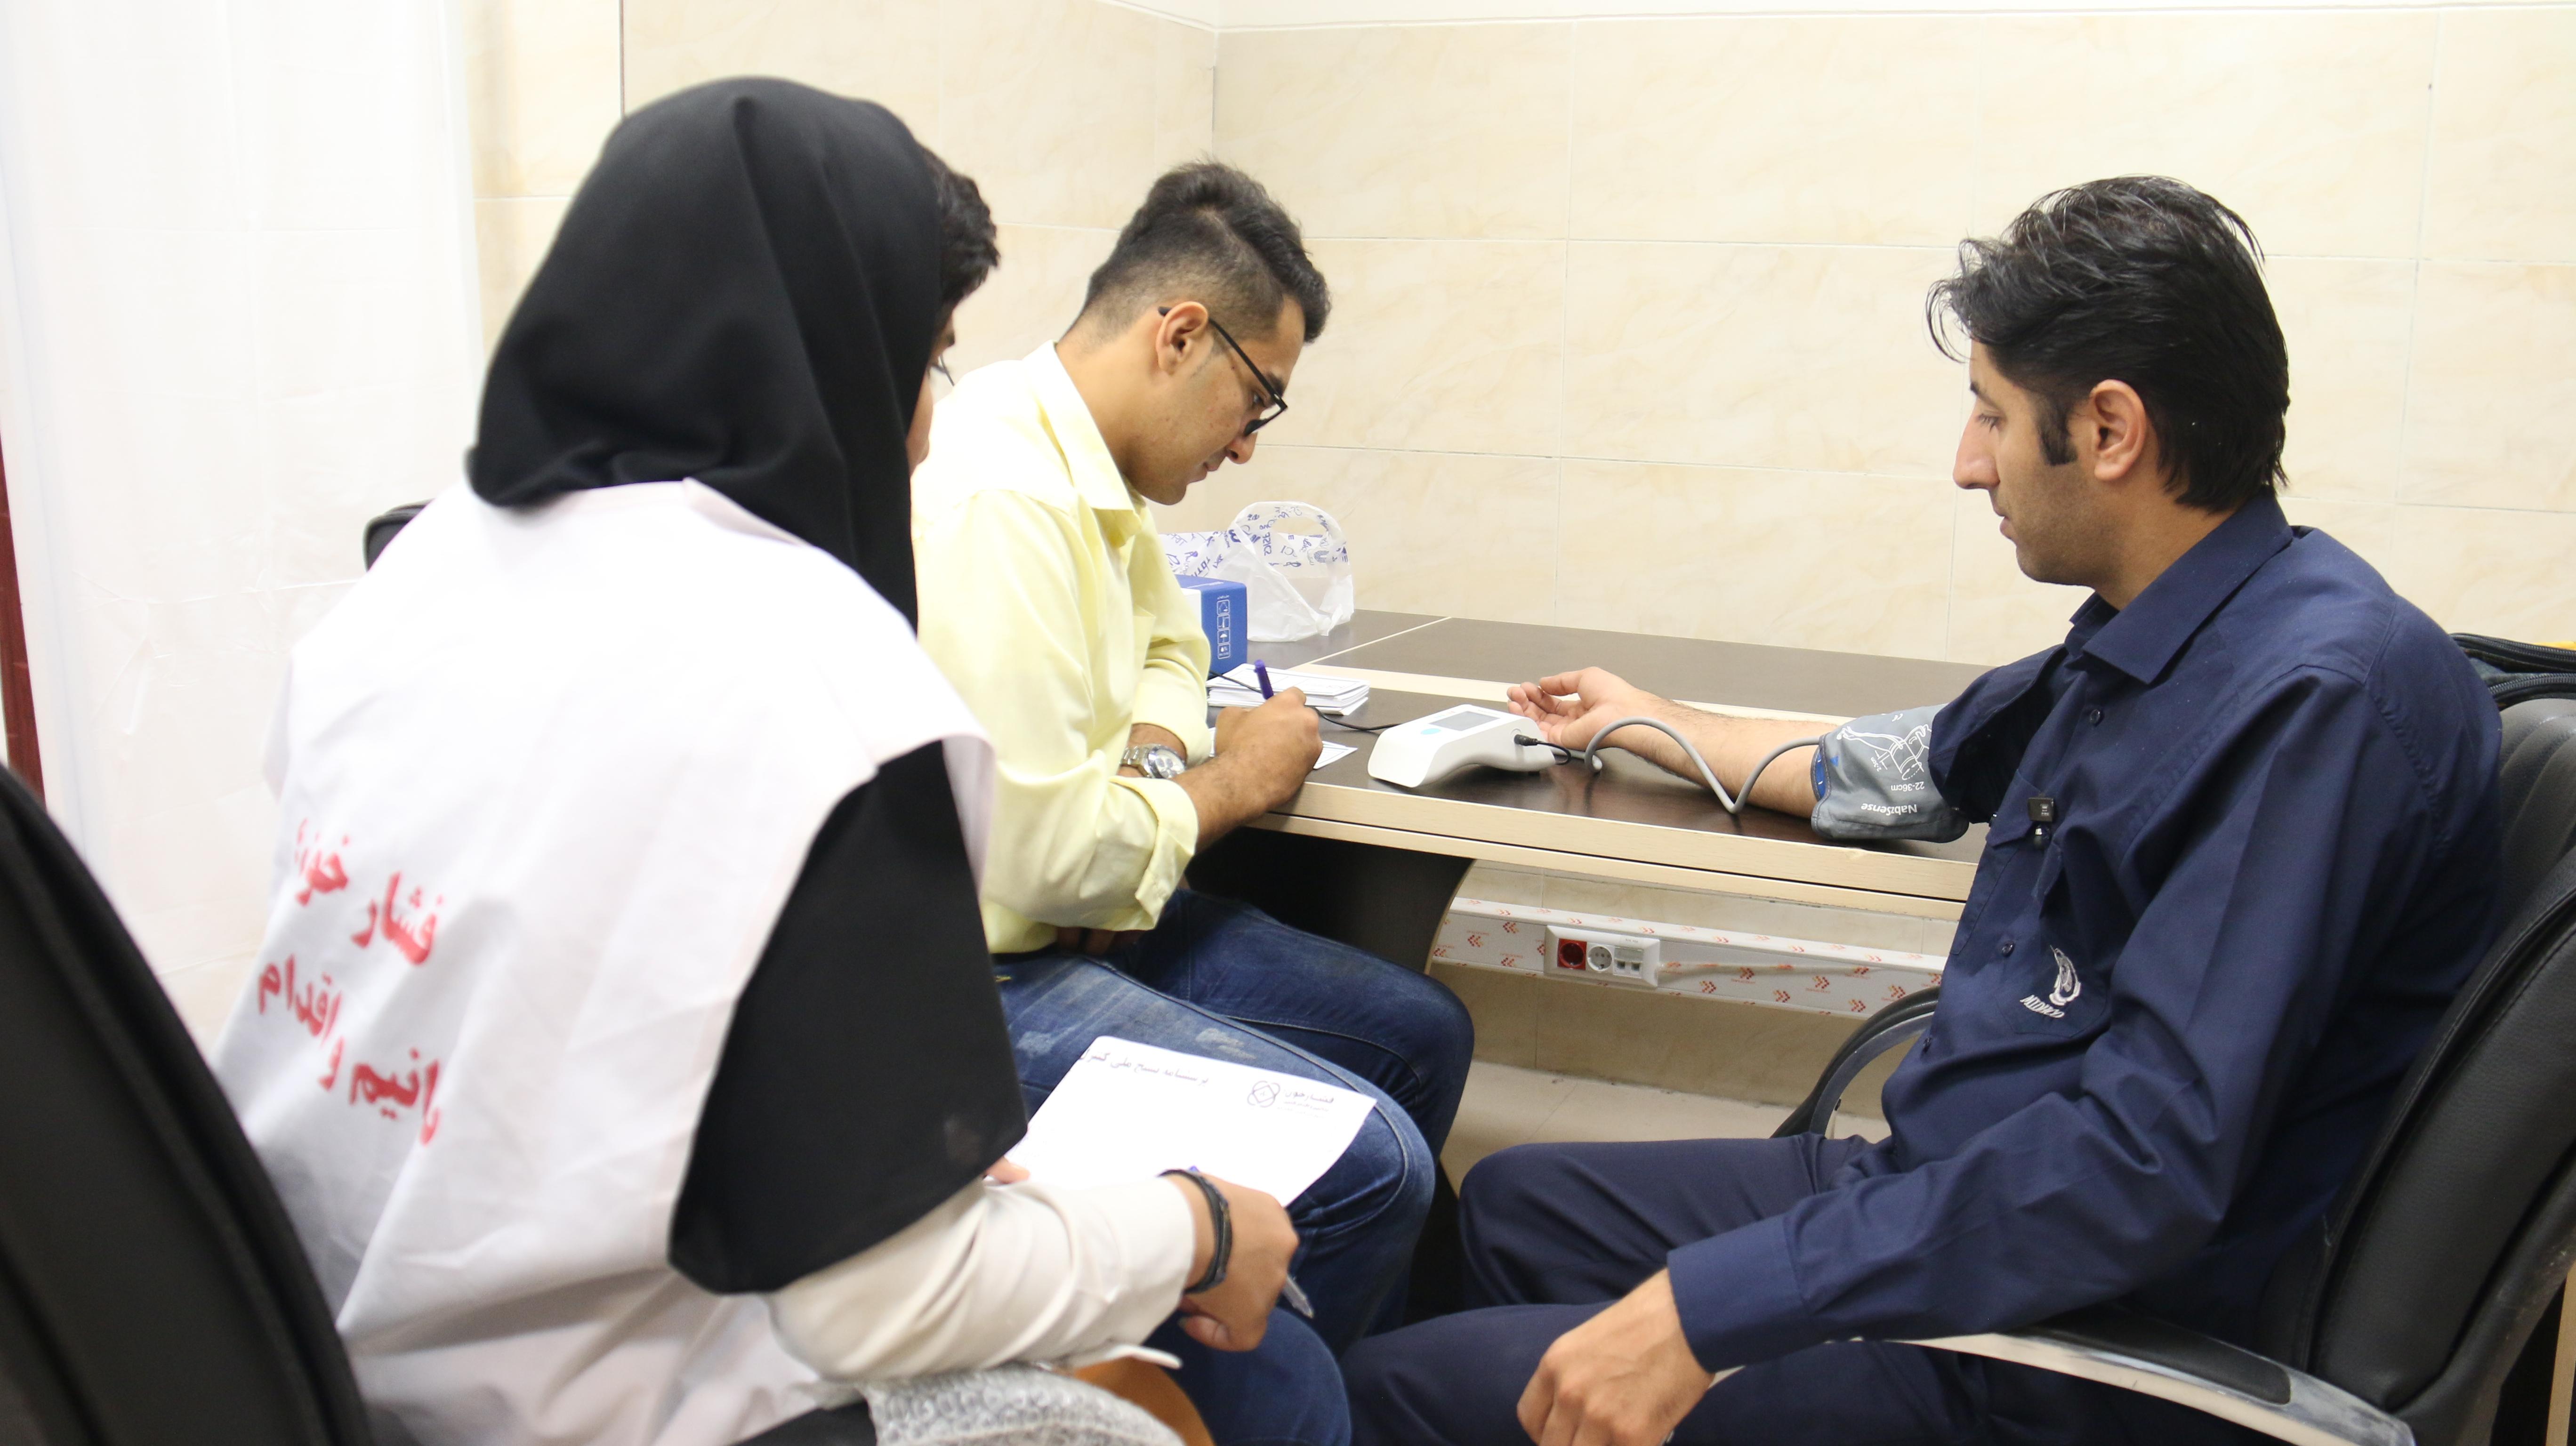 در راستای طرح ملی کنترل فشار خون، این طرح در بخشهای مختلف شرکت انجام شد